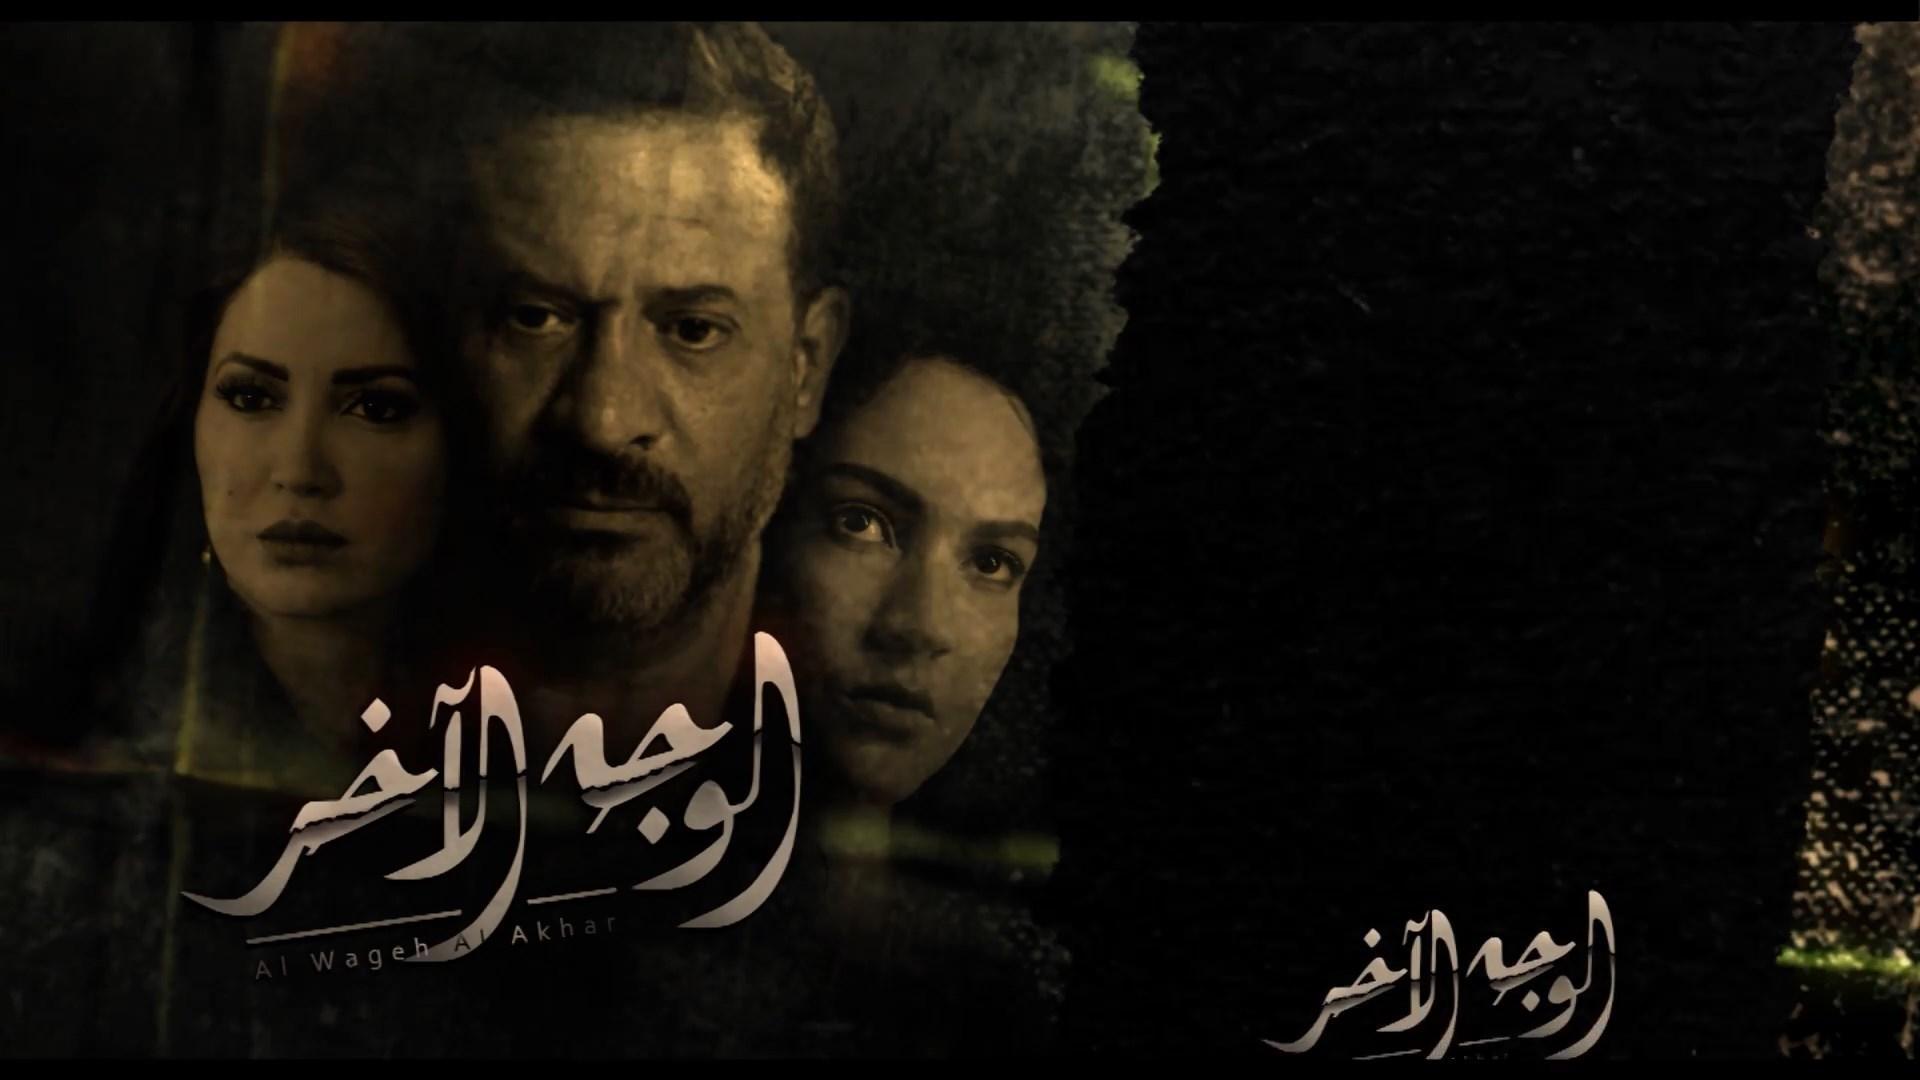 مسلسل الوجه الآخر الحلقة السابعة (2020) 1080p تحميل تورنت 1 arabp2p.com